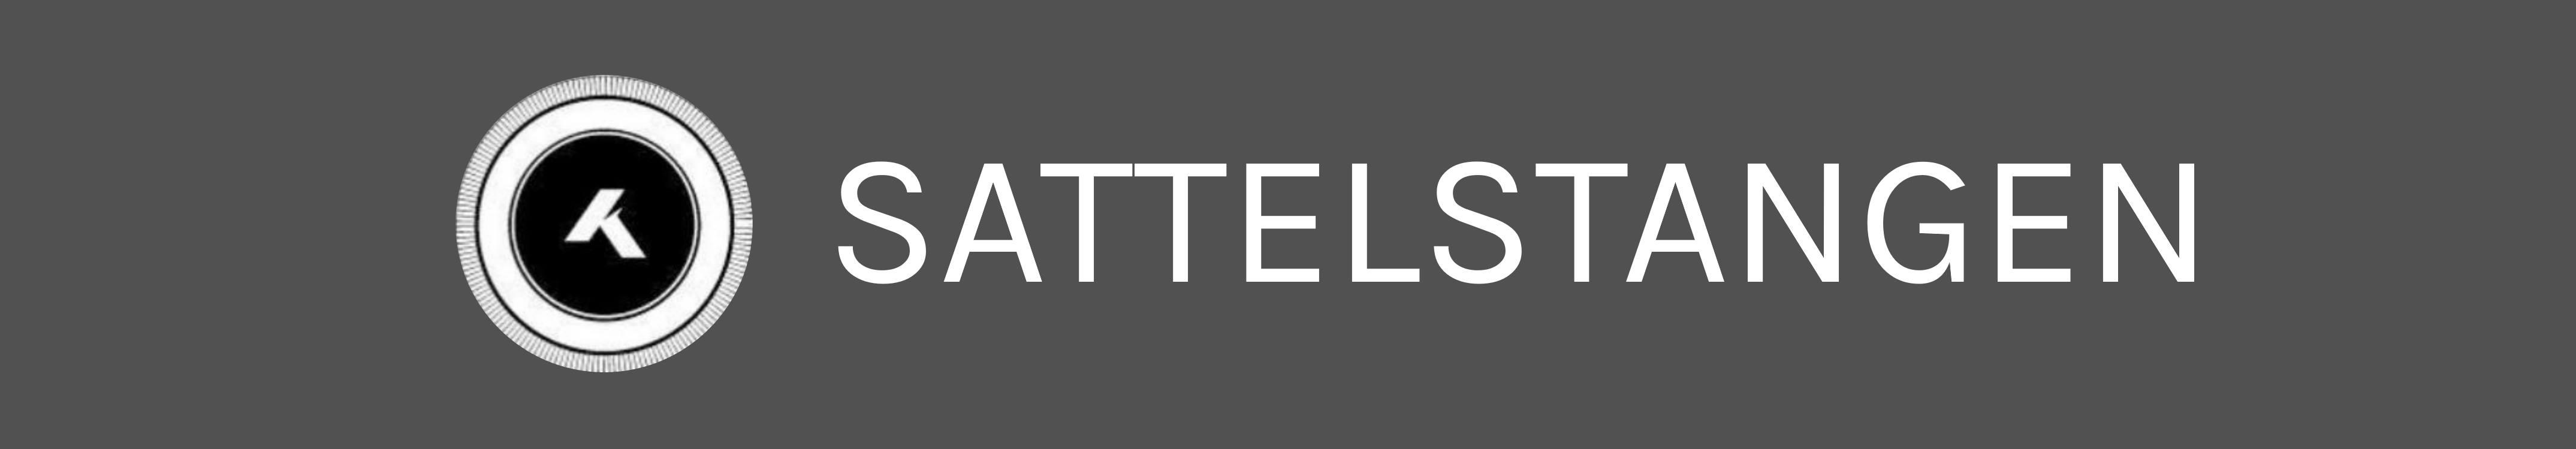 KHE-Banner-Sattelstangen